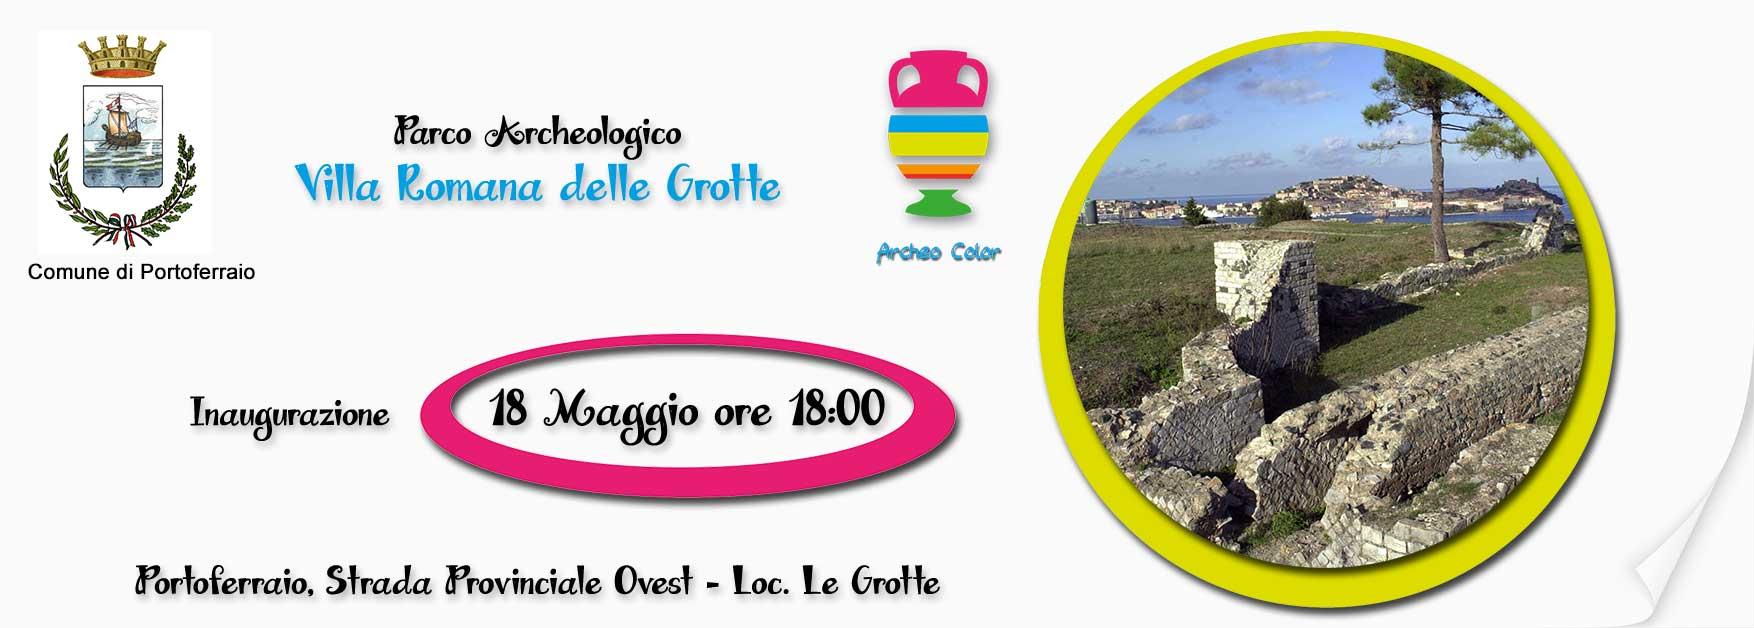 Inaugurazione-Villa-Romana-delle-Grotte